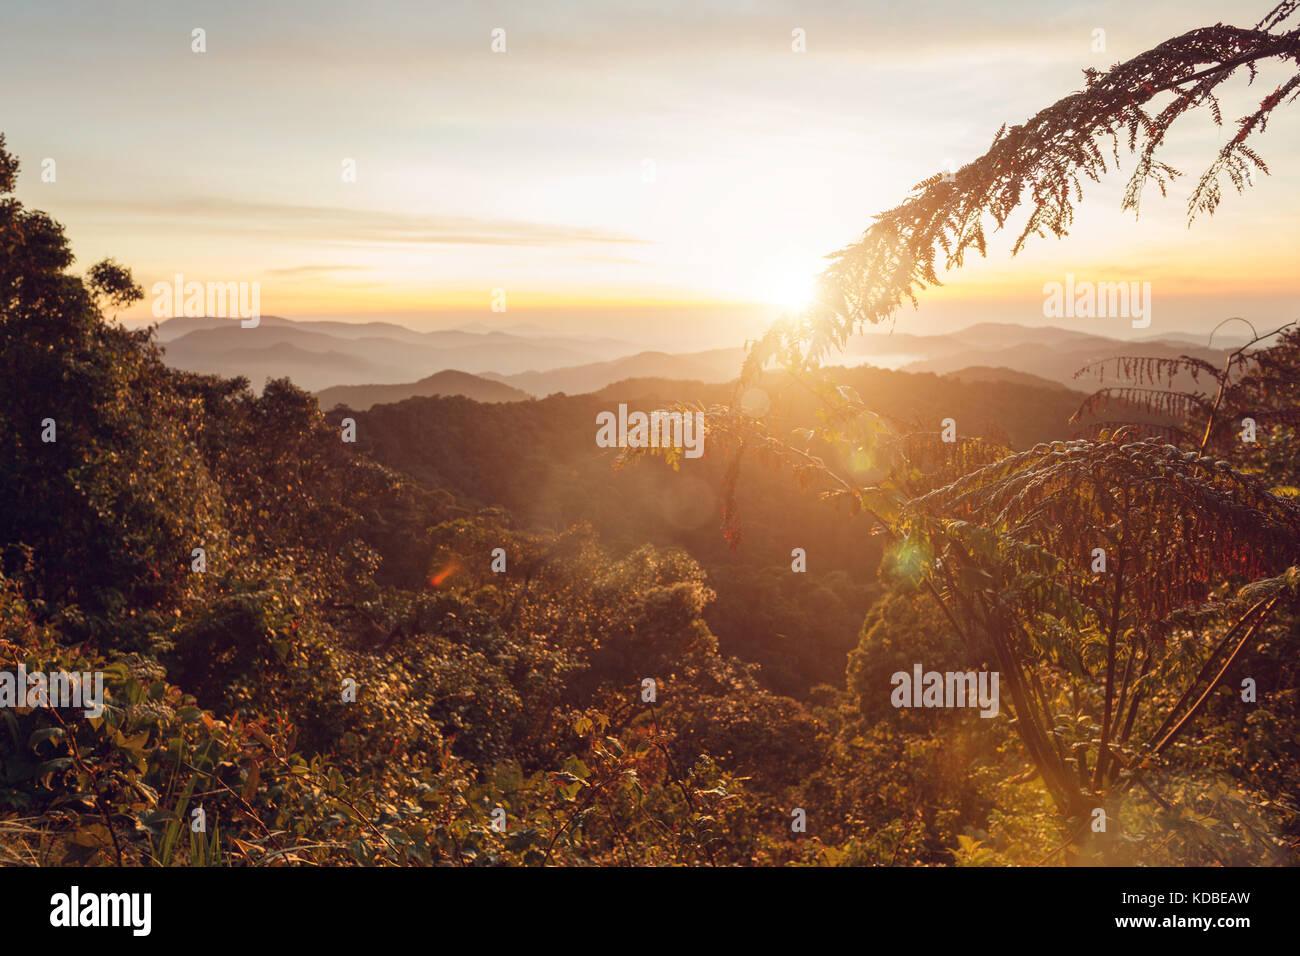 Lever du soleil chaud dans une zone de montagnes en Malaisie Photo Stock